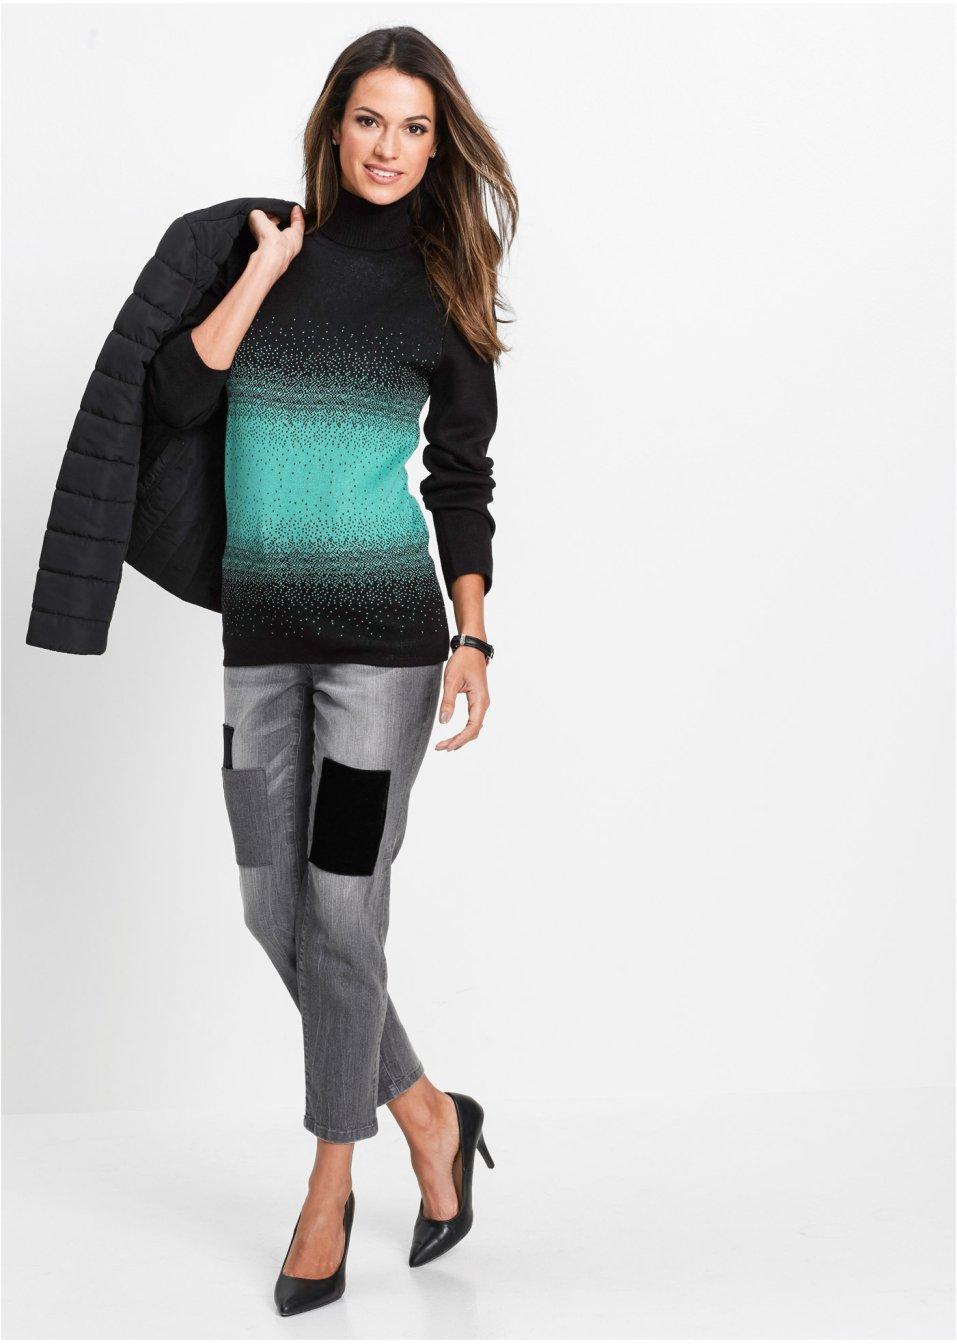 Mode Femme Vêtements DJLfdOFlkj Pull col roulé noir/vert pacifique bpc selection .fr